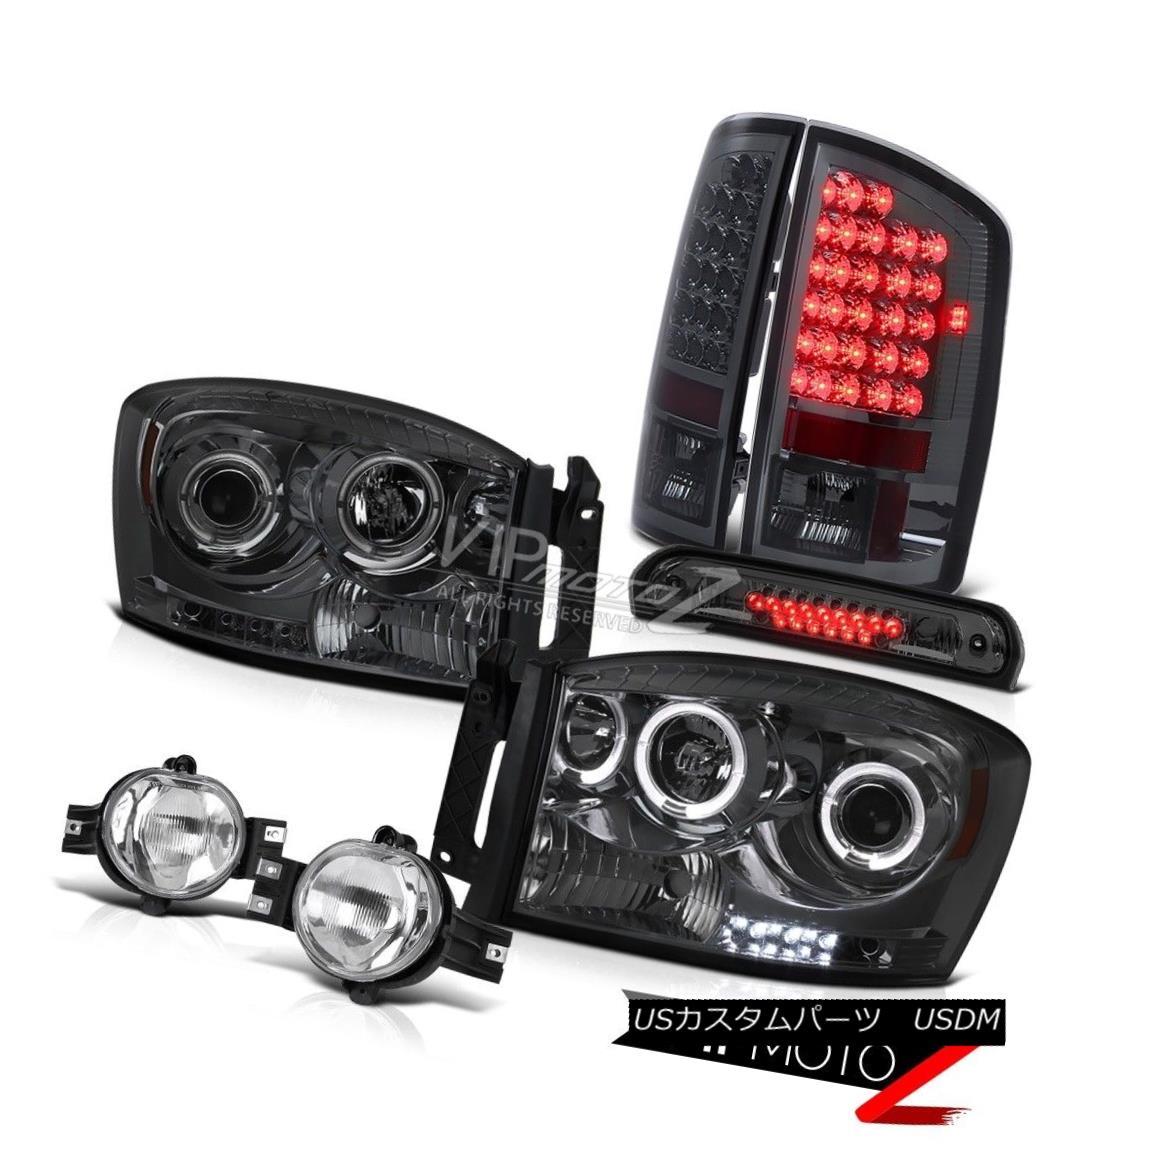 ヘッドライト 07 08 Ram V6 Halo Rim Headlights Smoke LED Taillights Crystal Fog High 3rd Brake 07 08ラムV6ハローリムヘッドライトスモークLEDテールライトクリスタルフォッグハイ3ブレーキ